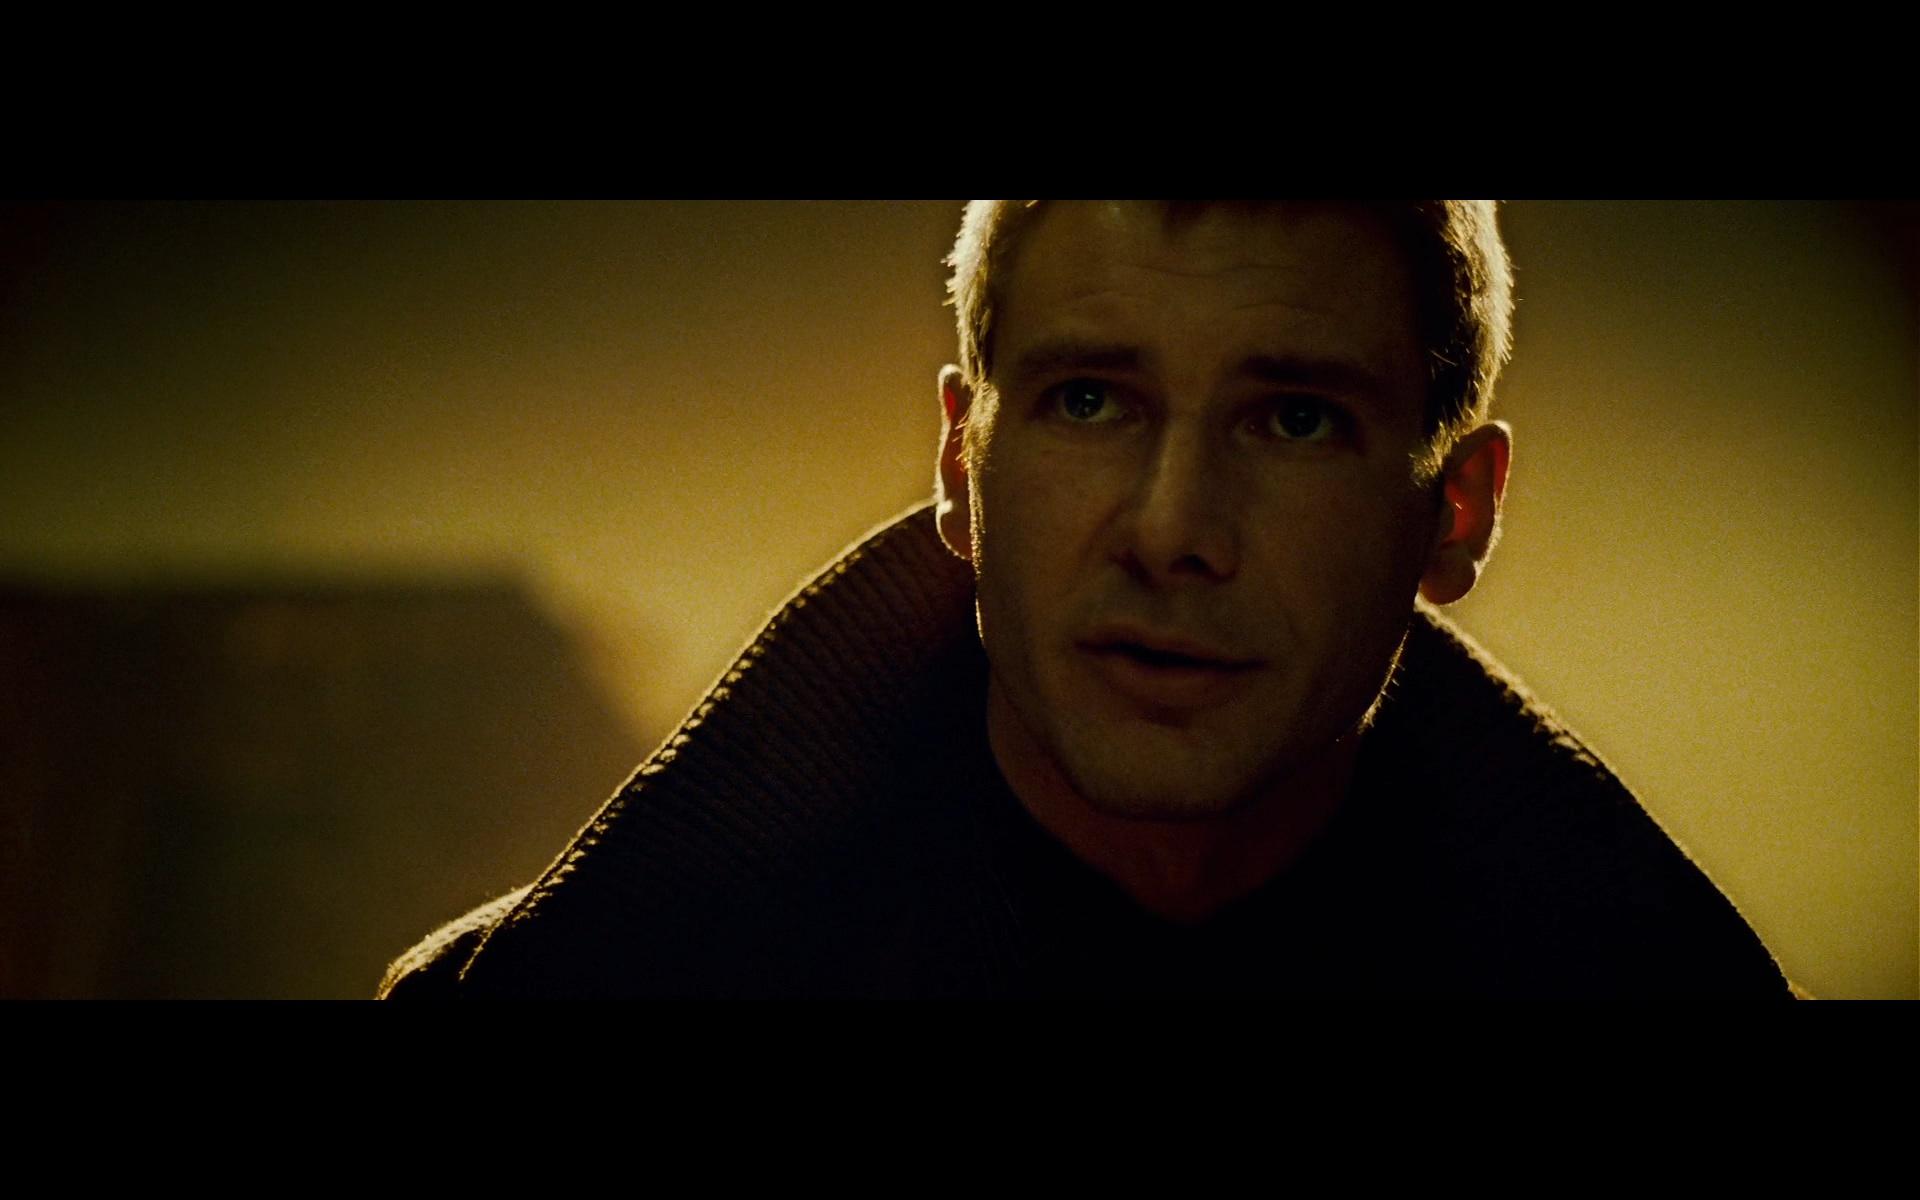 Screen Shot 2012-12-27 at 4.59.18 PM  sc 1 st  Jim Royal & Introducing the Blade Runner Project | Jim Royal azcodes.com